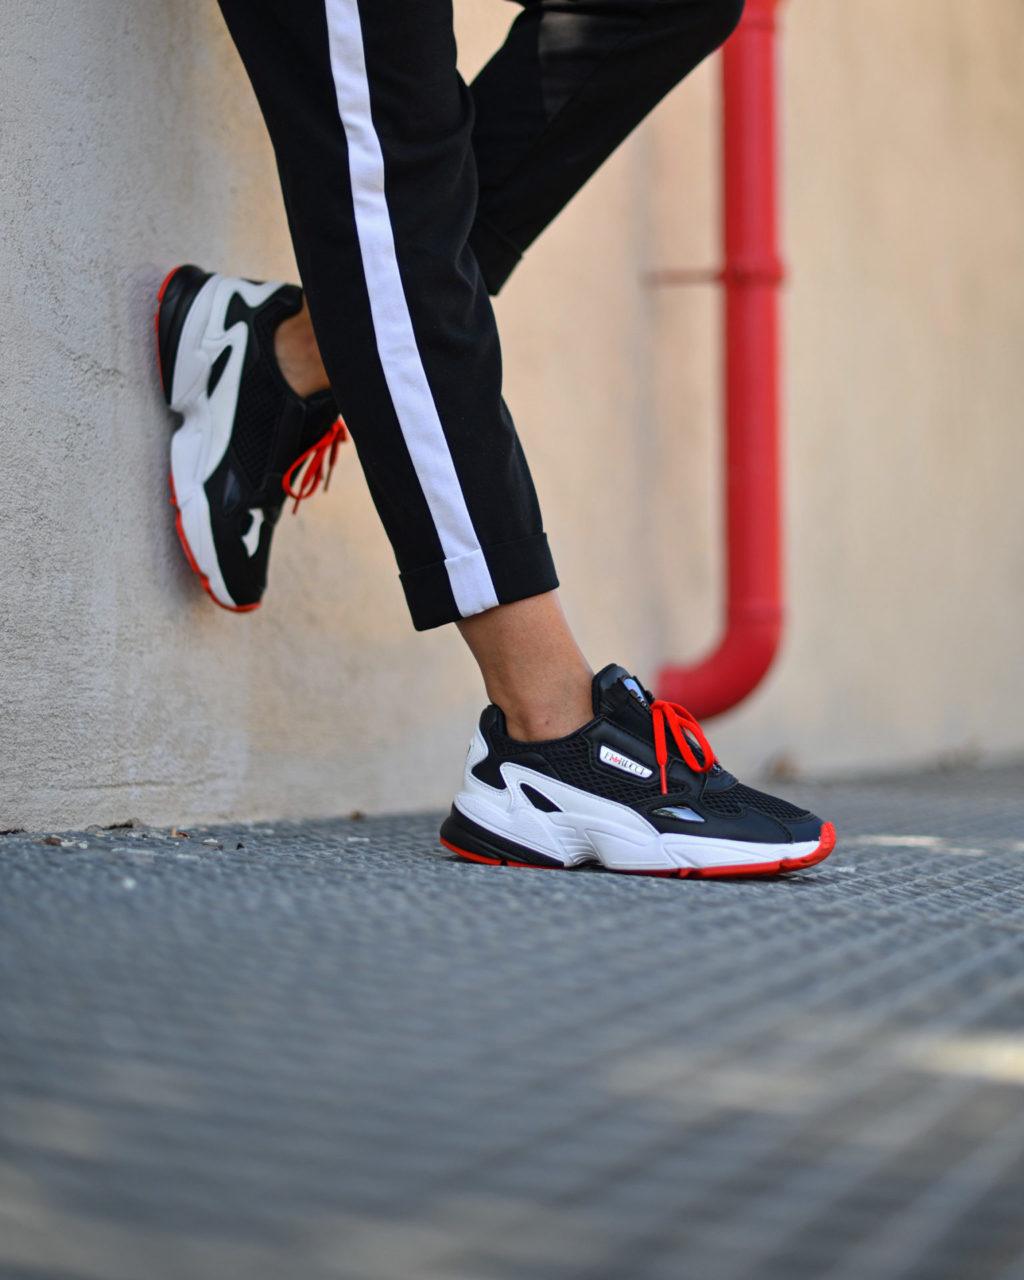 Fiorucci x adidas W Falcon Zip